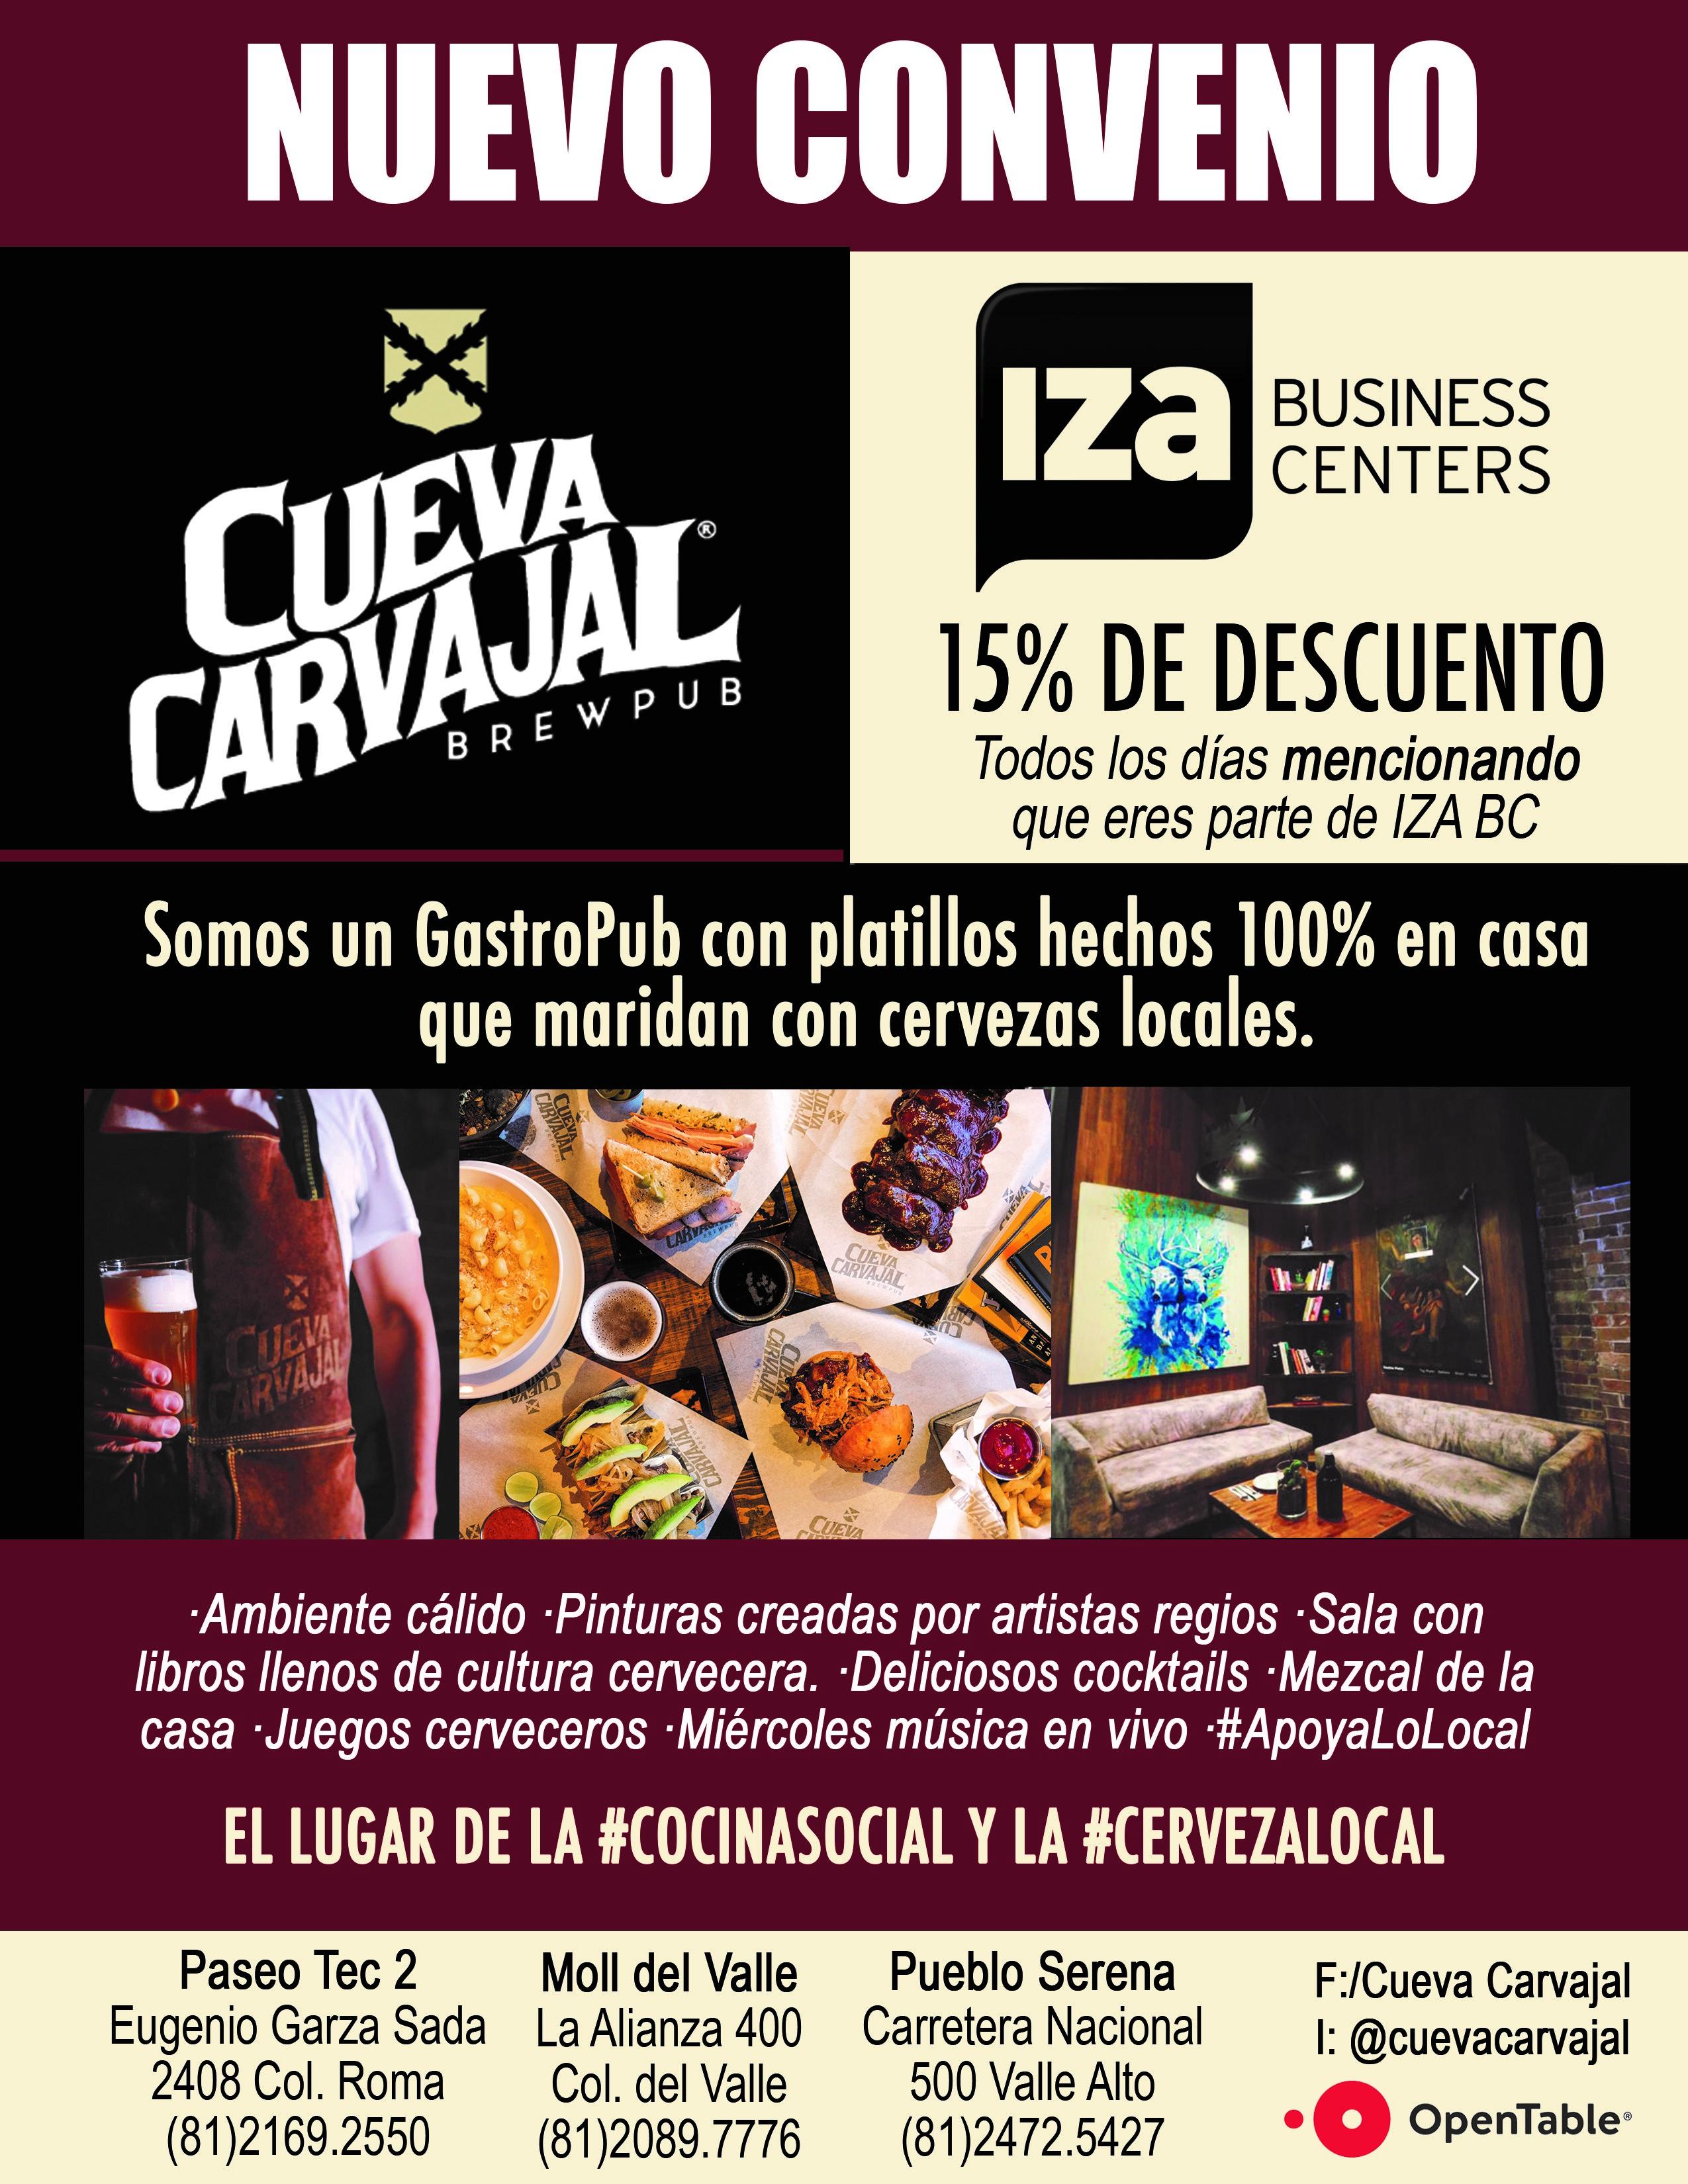 Convenio para clientes IZA BC Mty Cueva Carvajal_ (1)-2